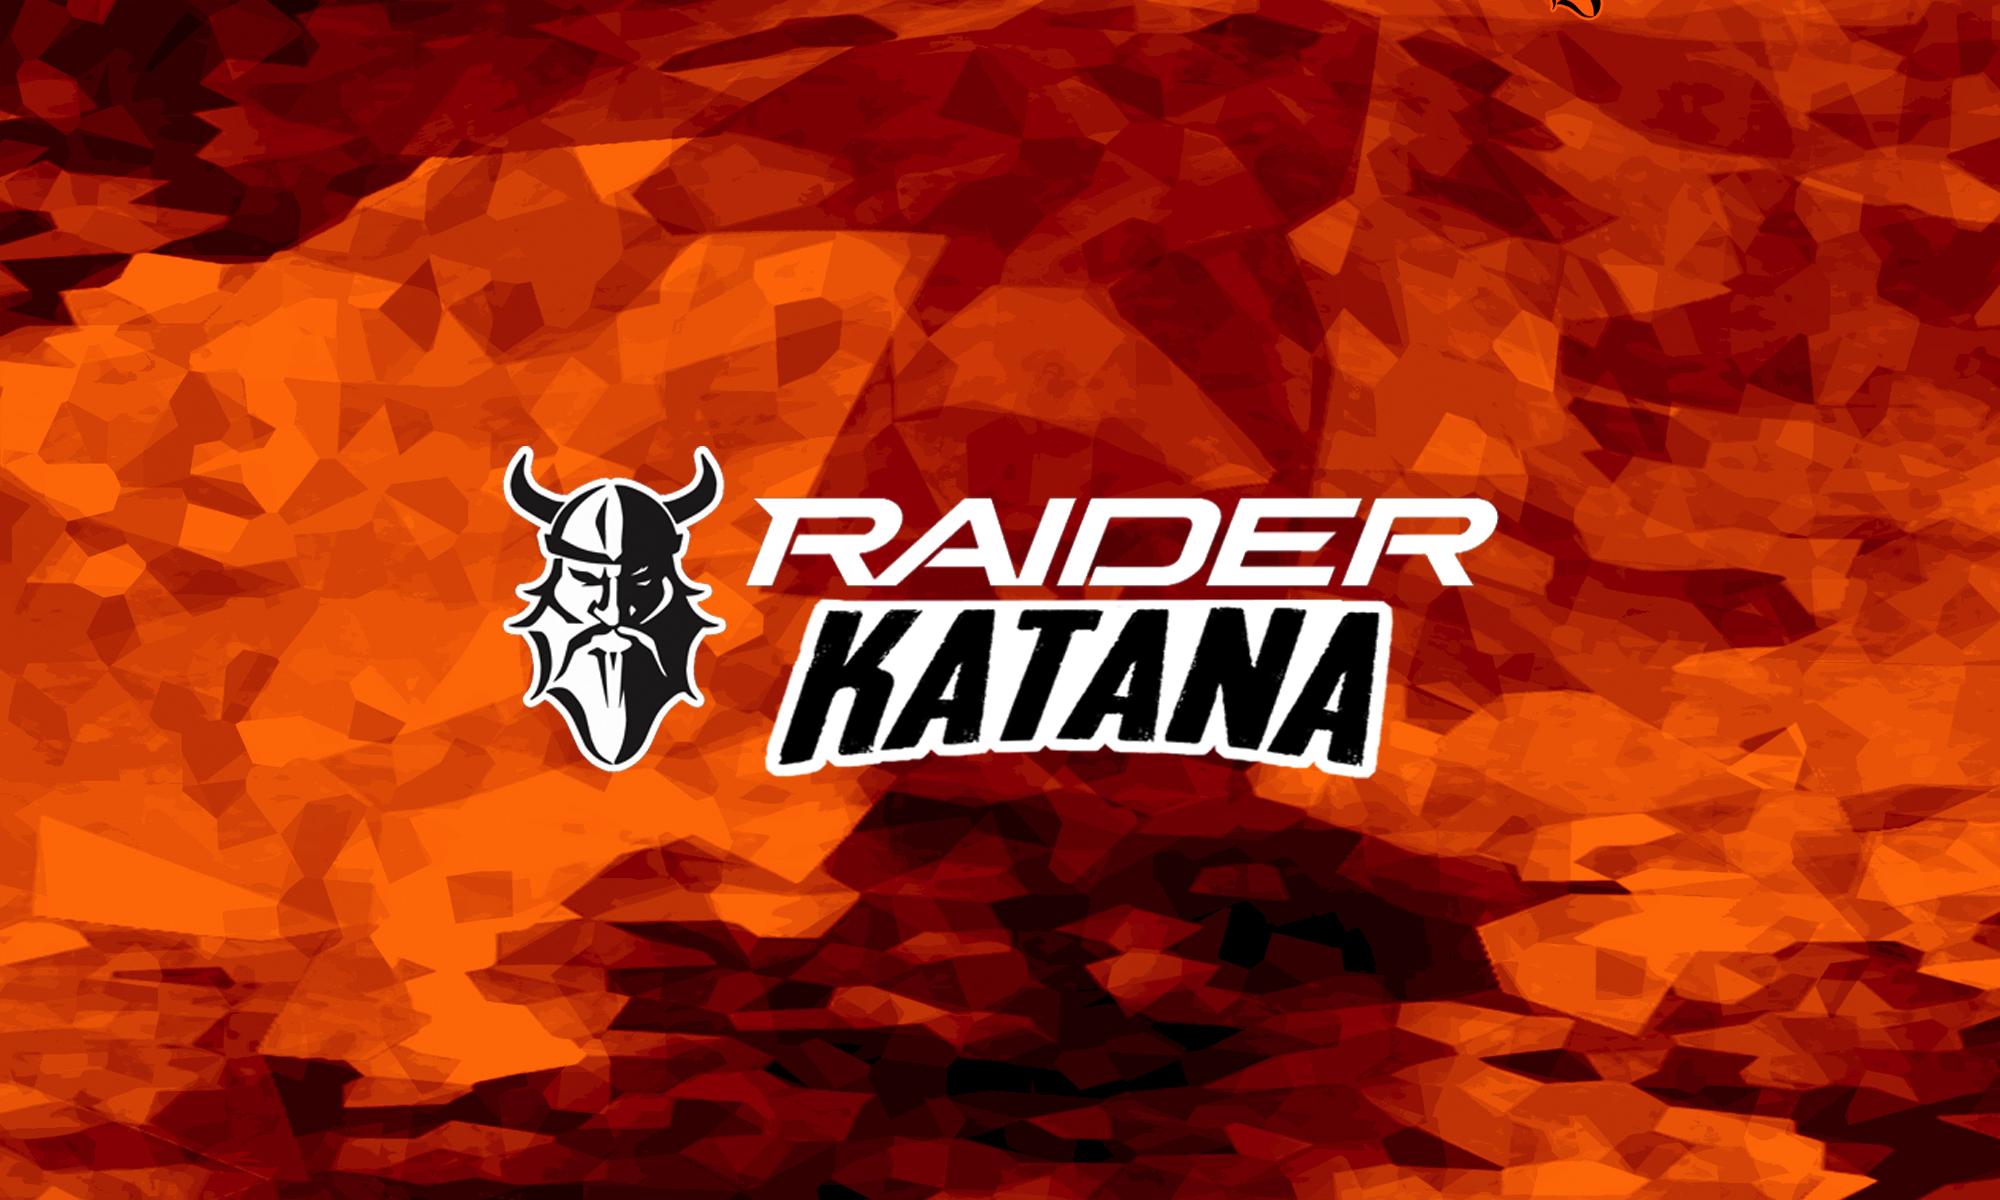 raider_katana2020